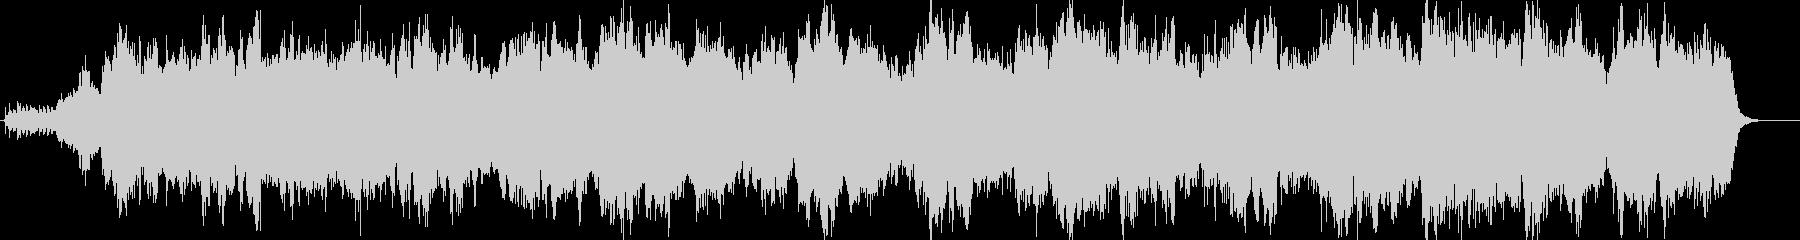 クラシック調のシンセサイザーによる曲の未再生の波形